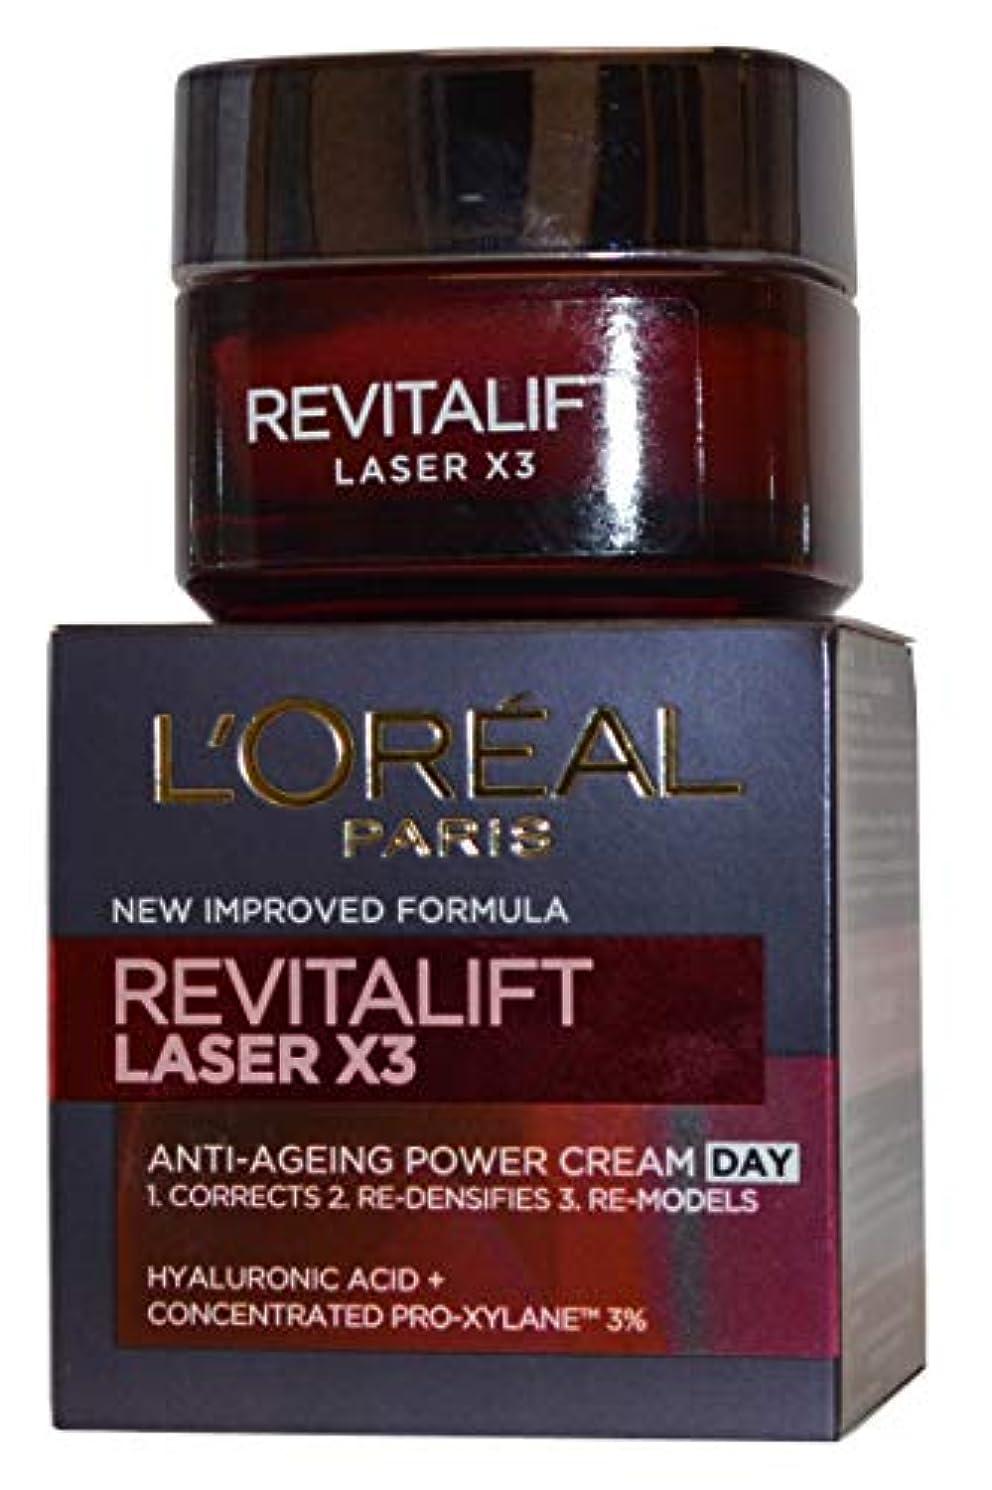 判読できない機構タフロレアル Revitalift Laser x3 Anti-Ageing Power Day Cream 50ml/1.7oz並行輸入品